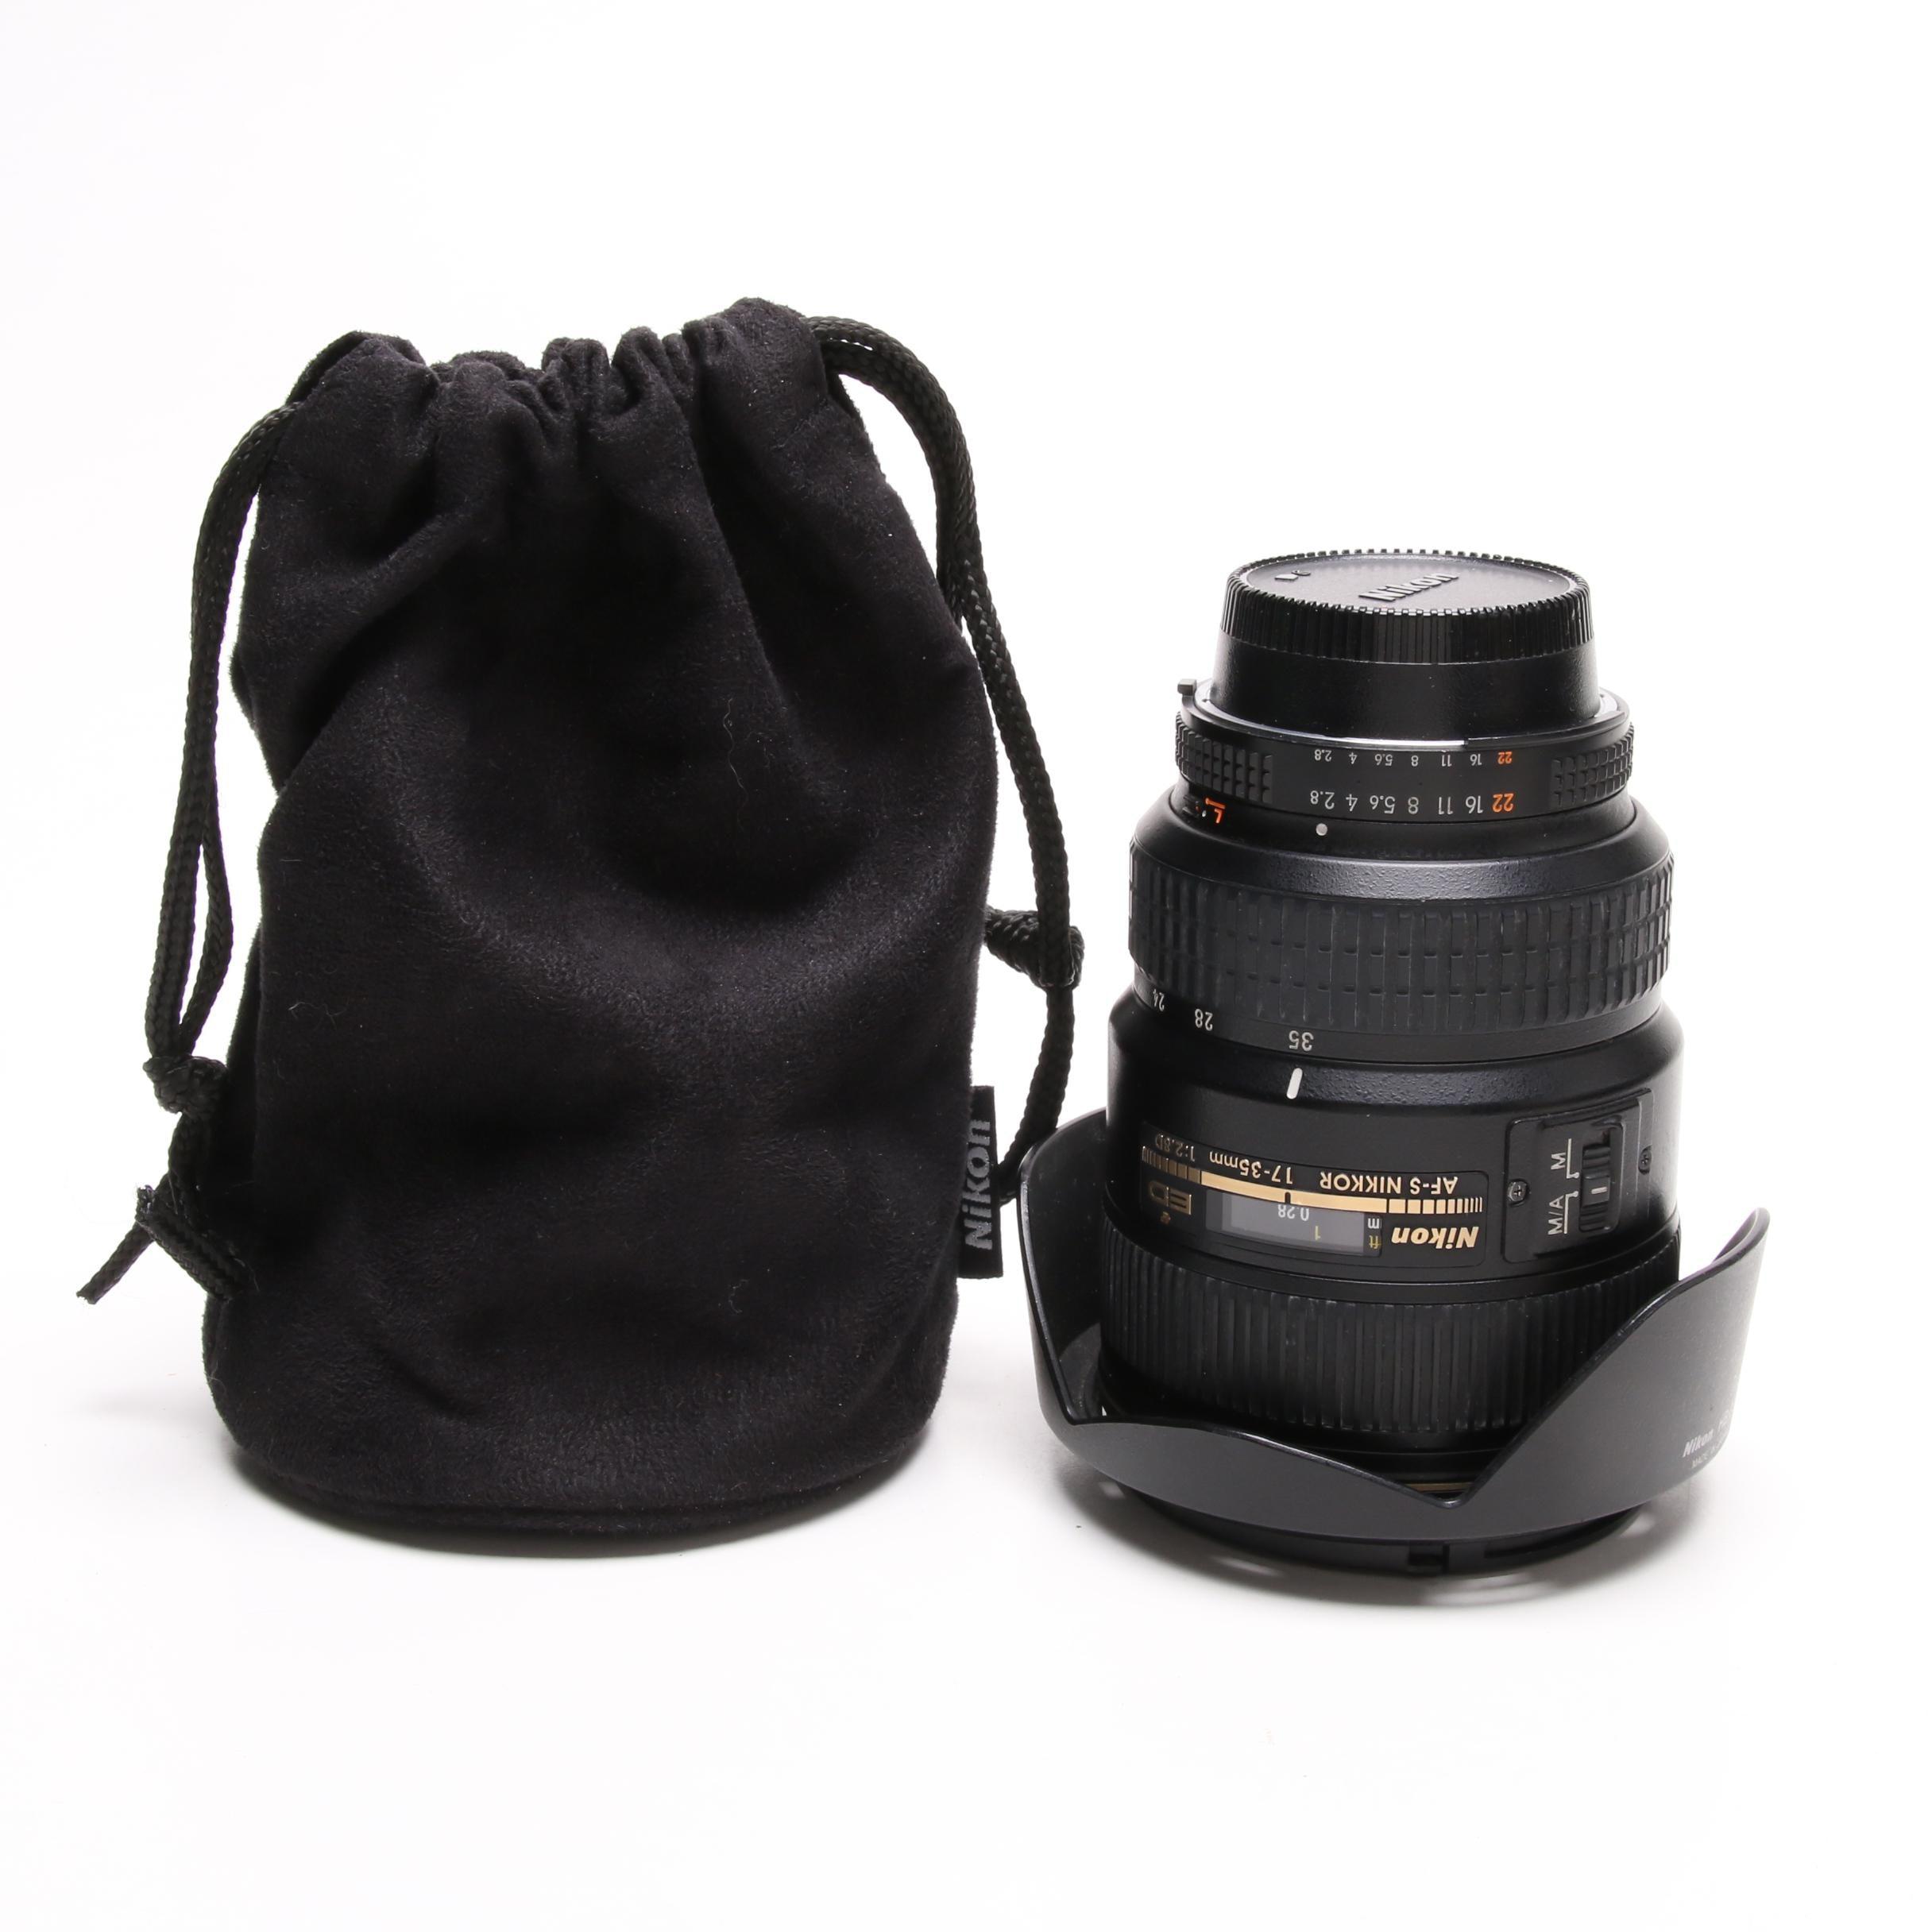 Nikon Nikkor AF-S 17-35mm f/2.8 ED Lens